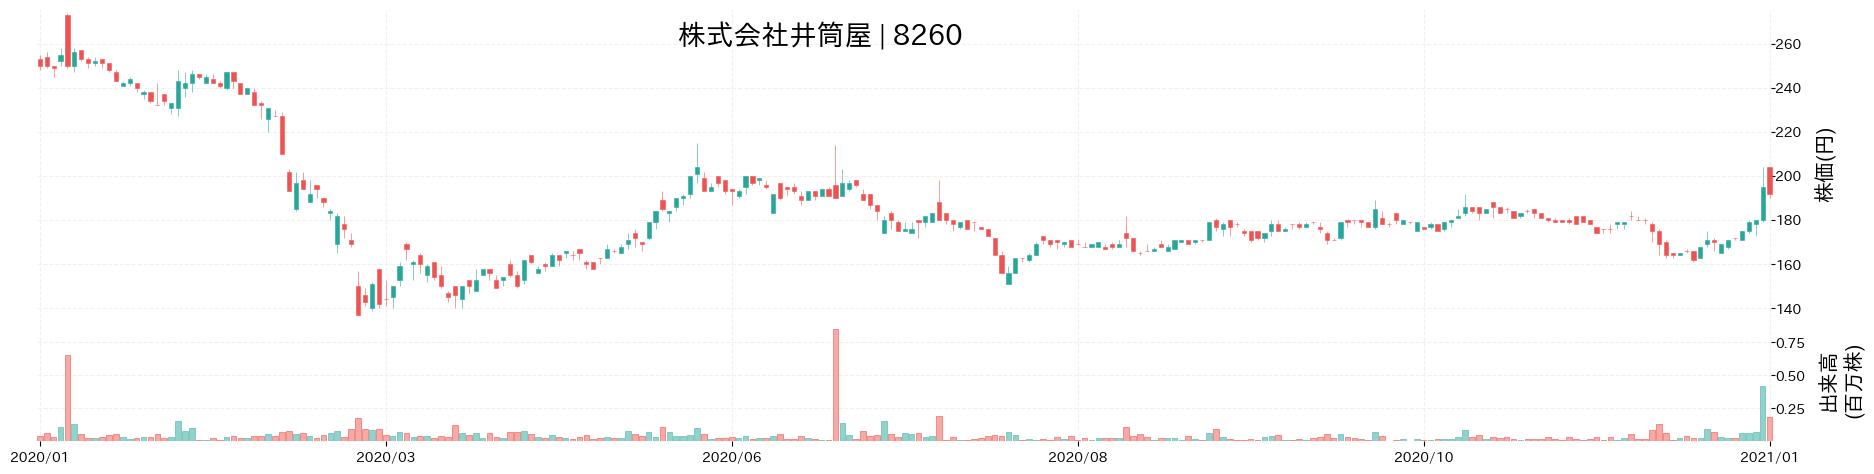 株式会社井筒屋の株価推移(2020)